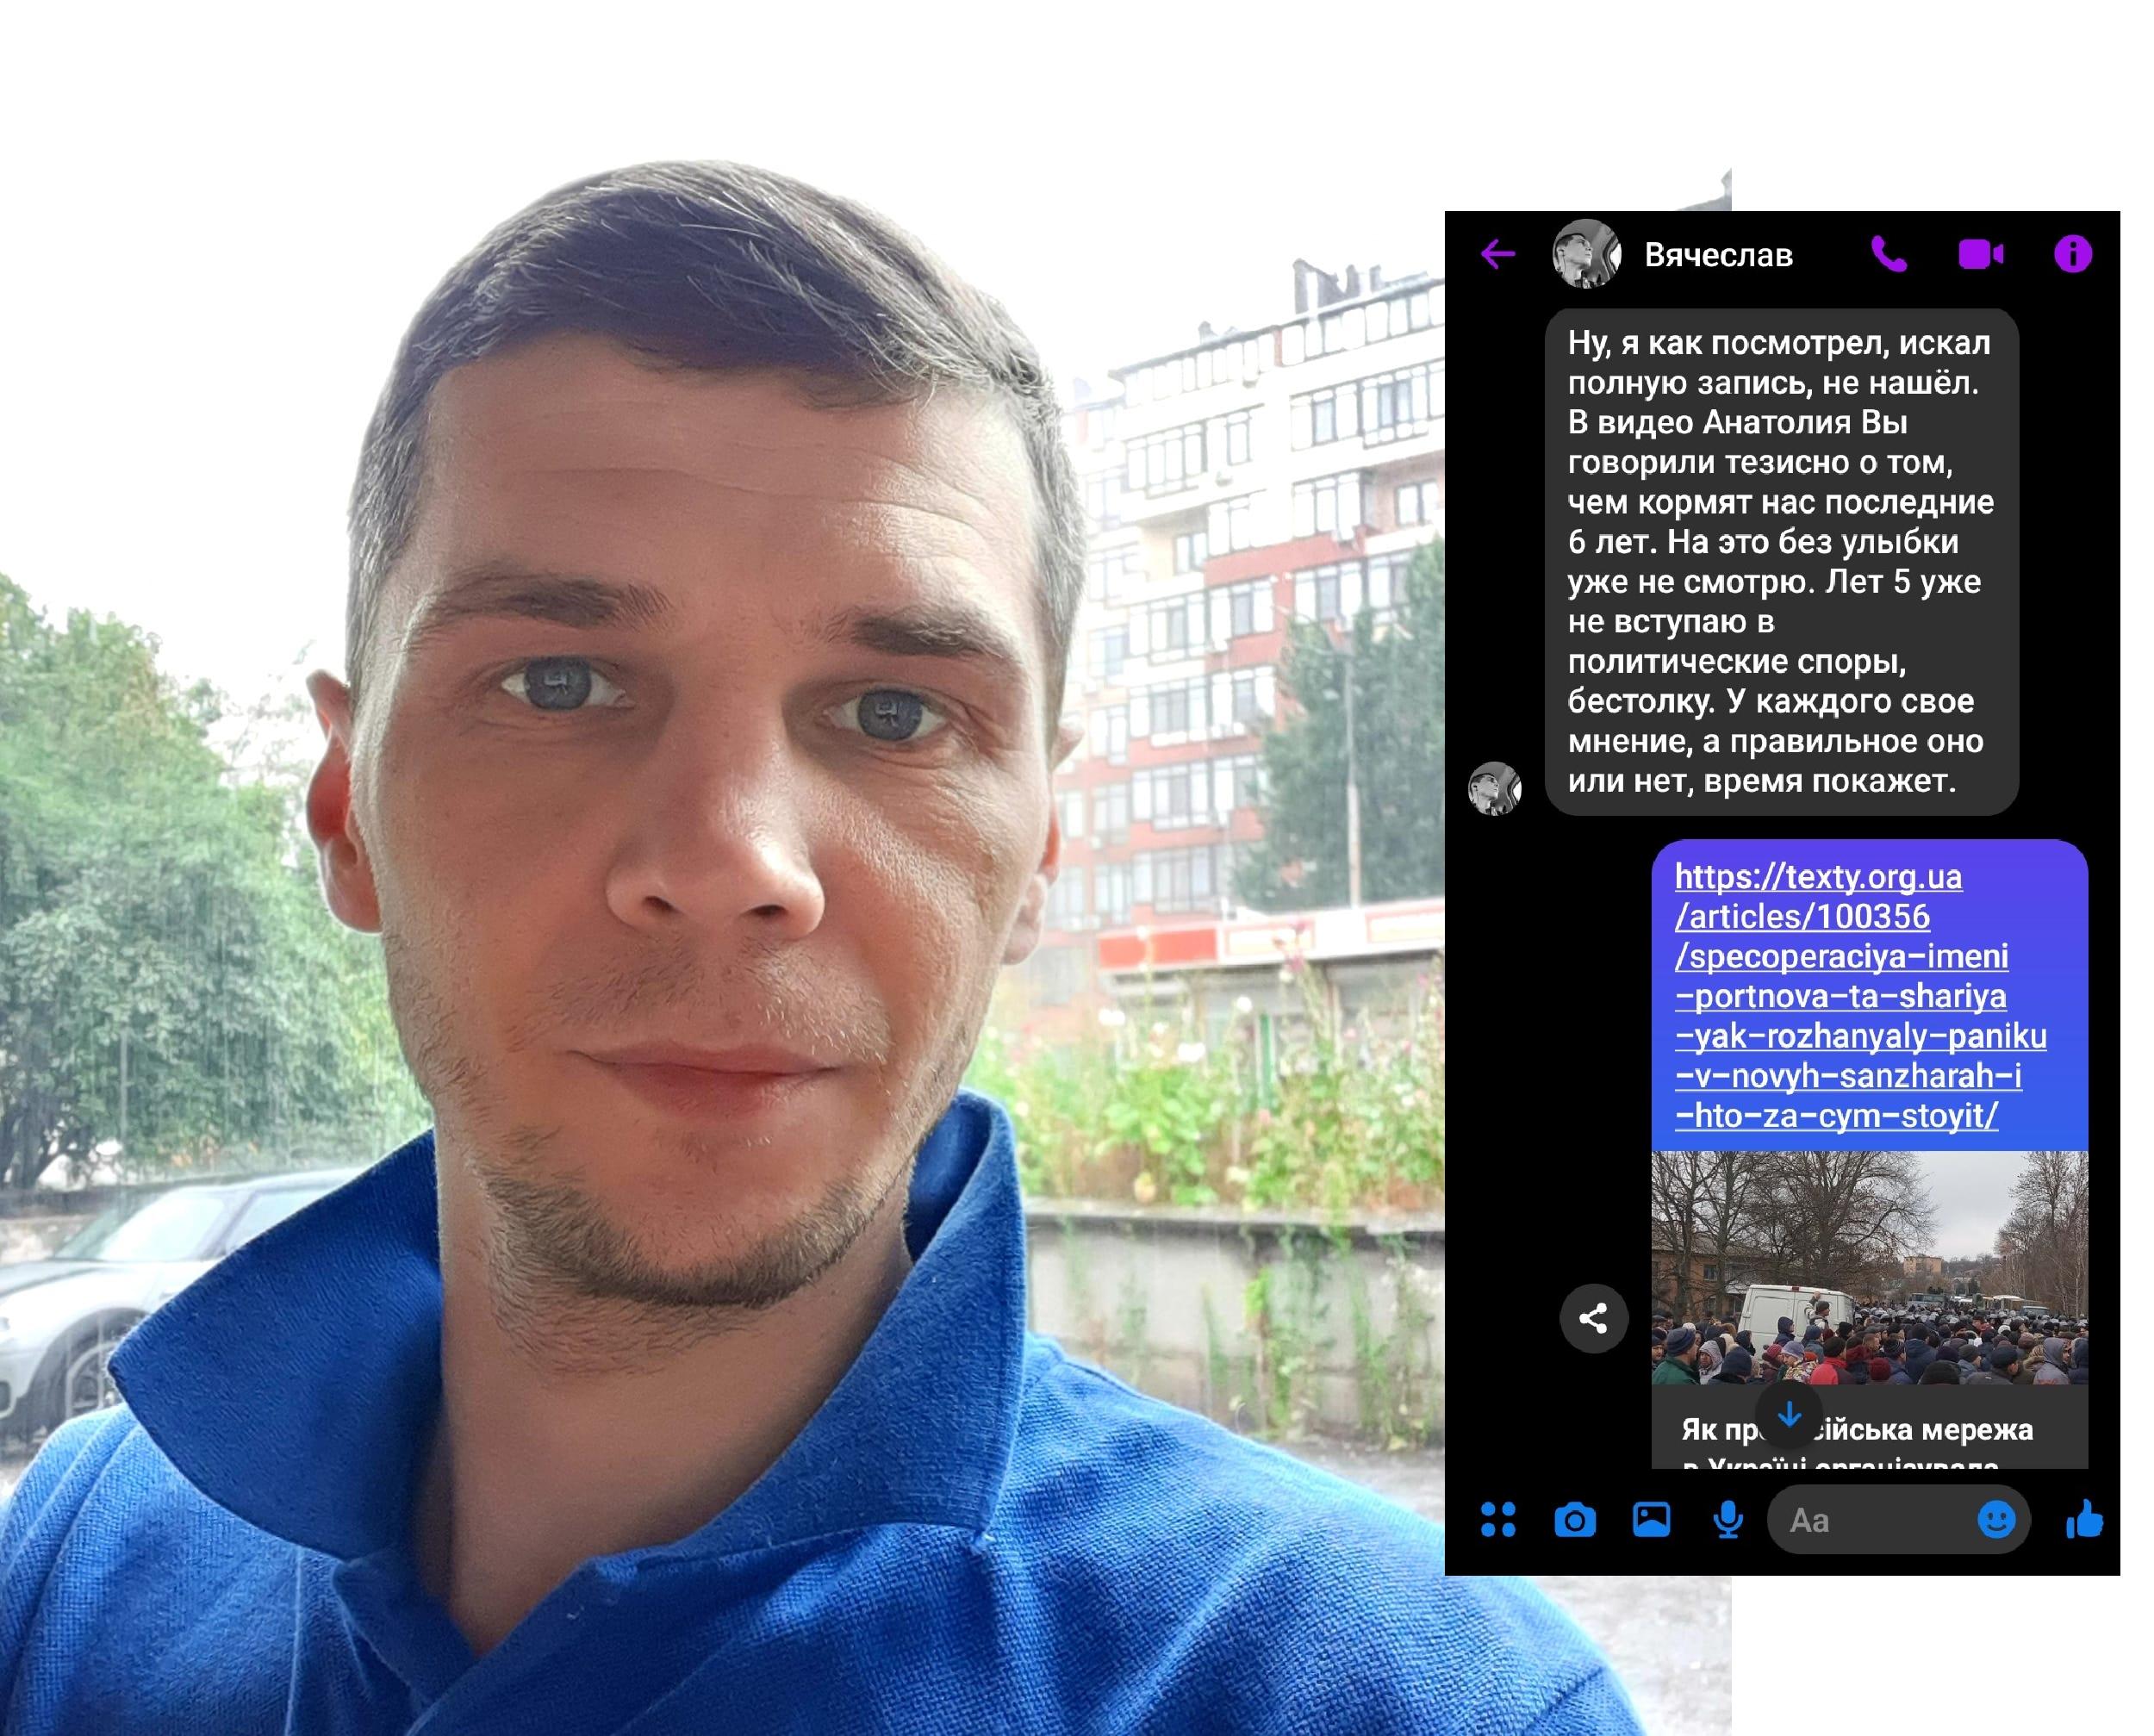 В'ячеслав Мельников, агент із нерухомості з Києва, любить грати в шахи і не любить вести політичні дискусії в інтернеті